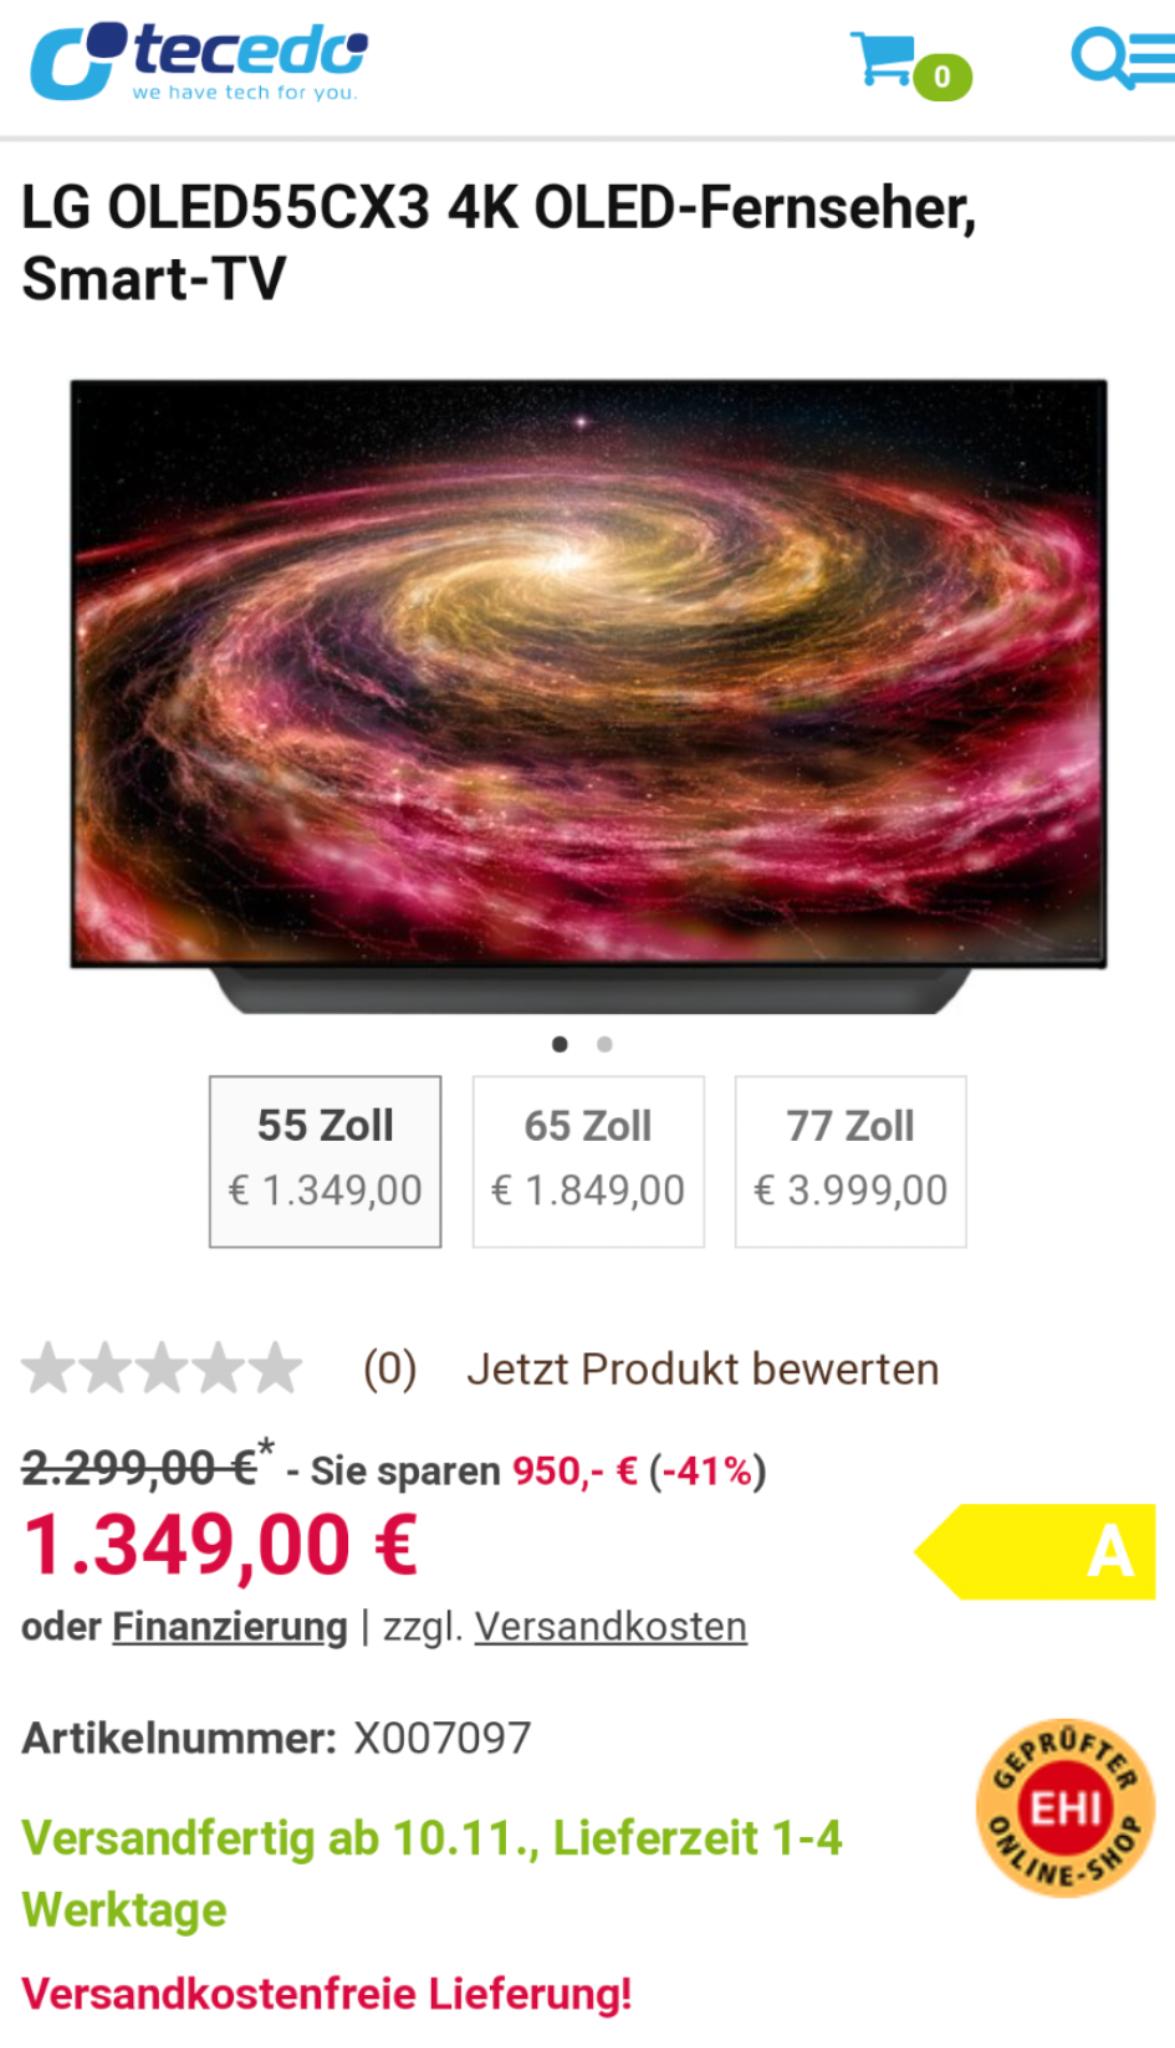 LG OLED55CX6LA 4K OLED-Fernseher, Smart-TV